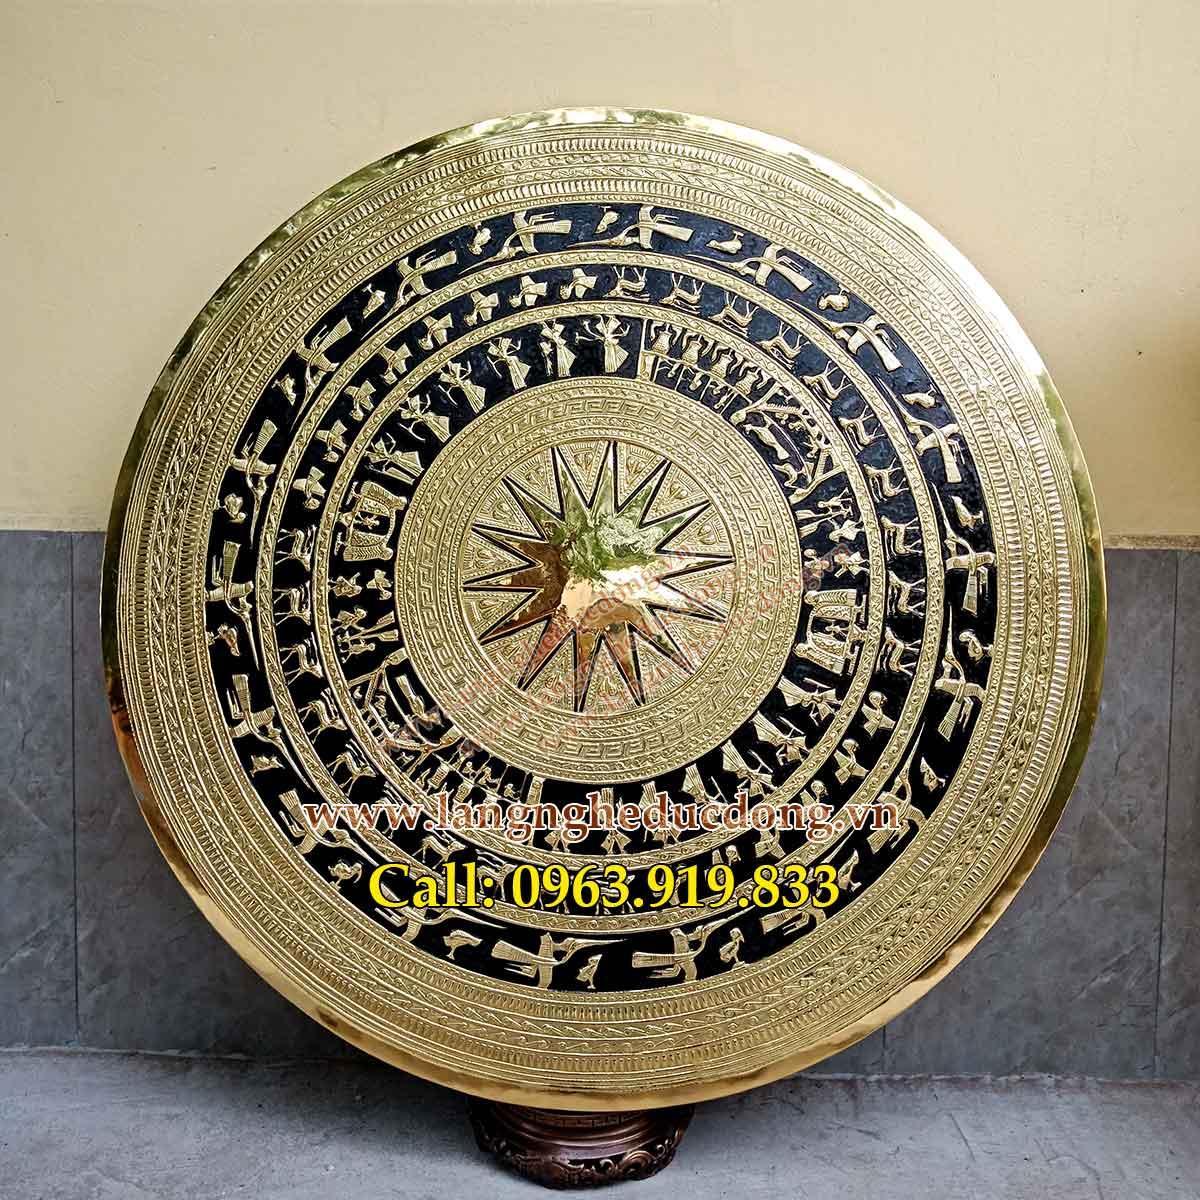 langngheducdong.vn - mặt trống, mặt trống đồng vàng, mẫu mặt trống đồng, tranh mặt trống đồng